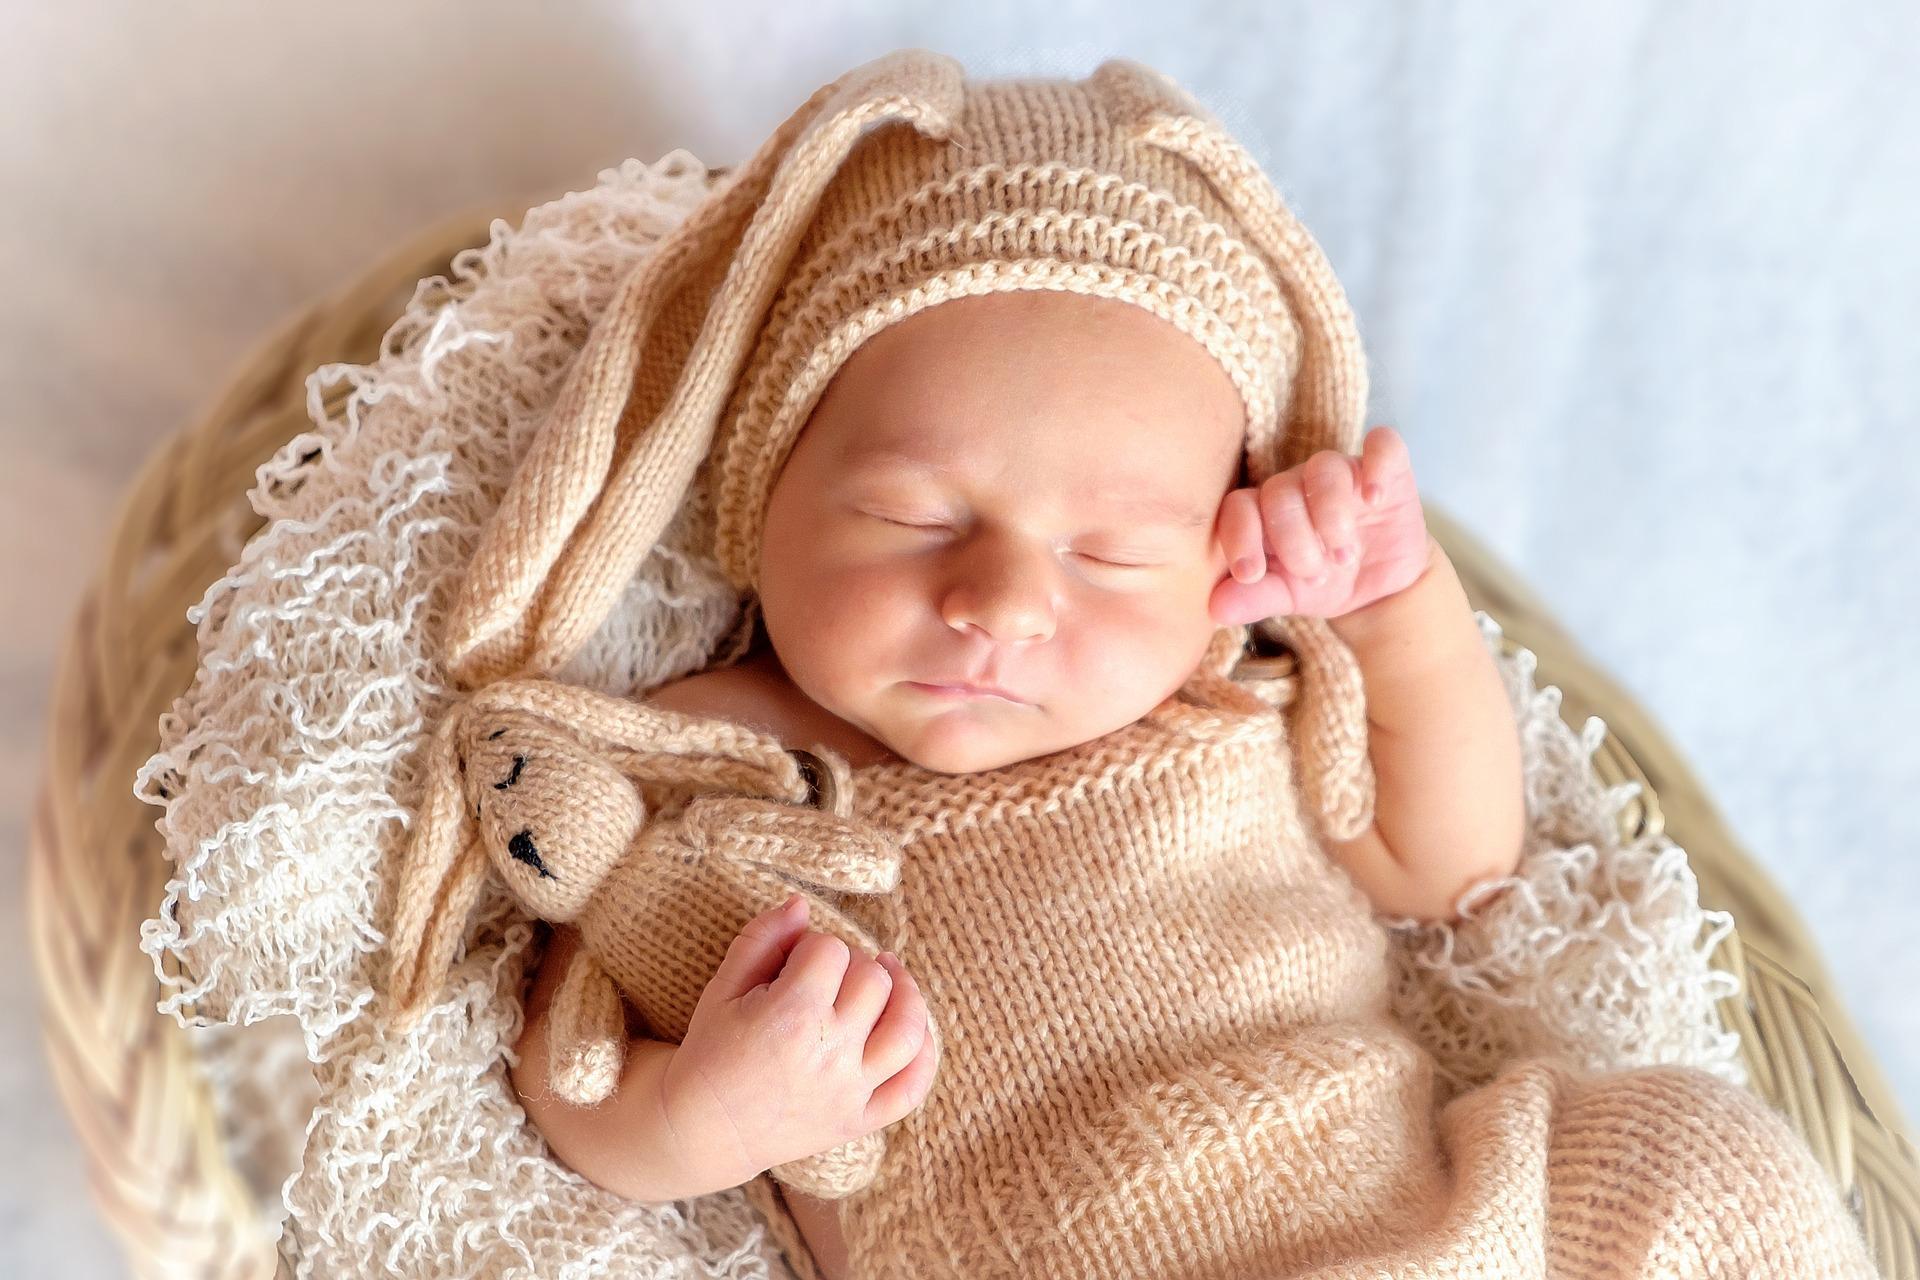 Mały człowiek potrzebuje wiele godzin snu w ciągu doby